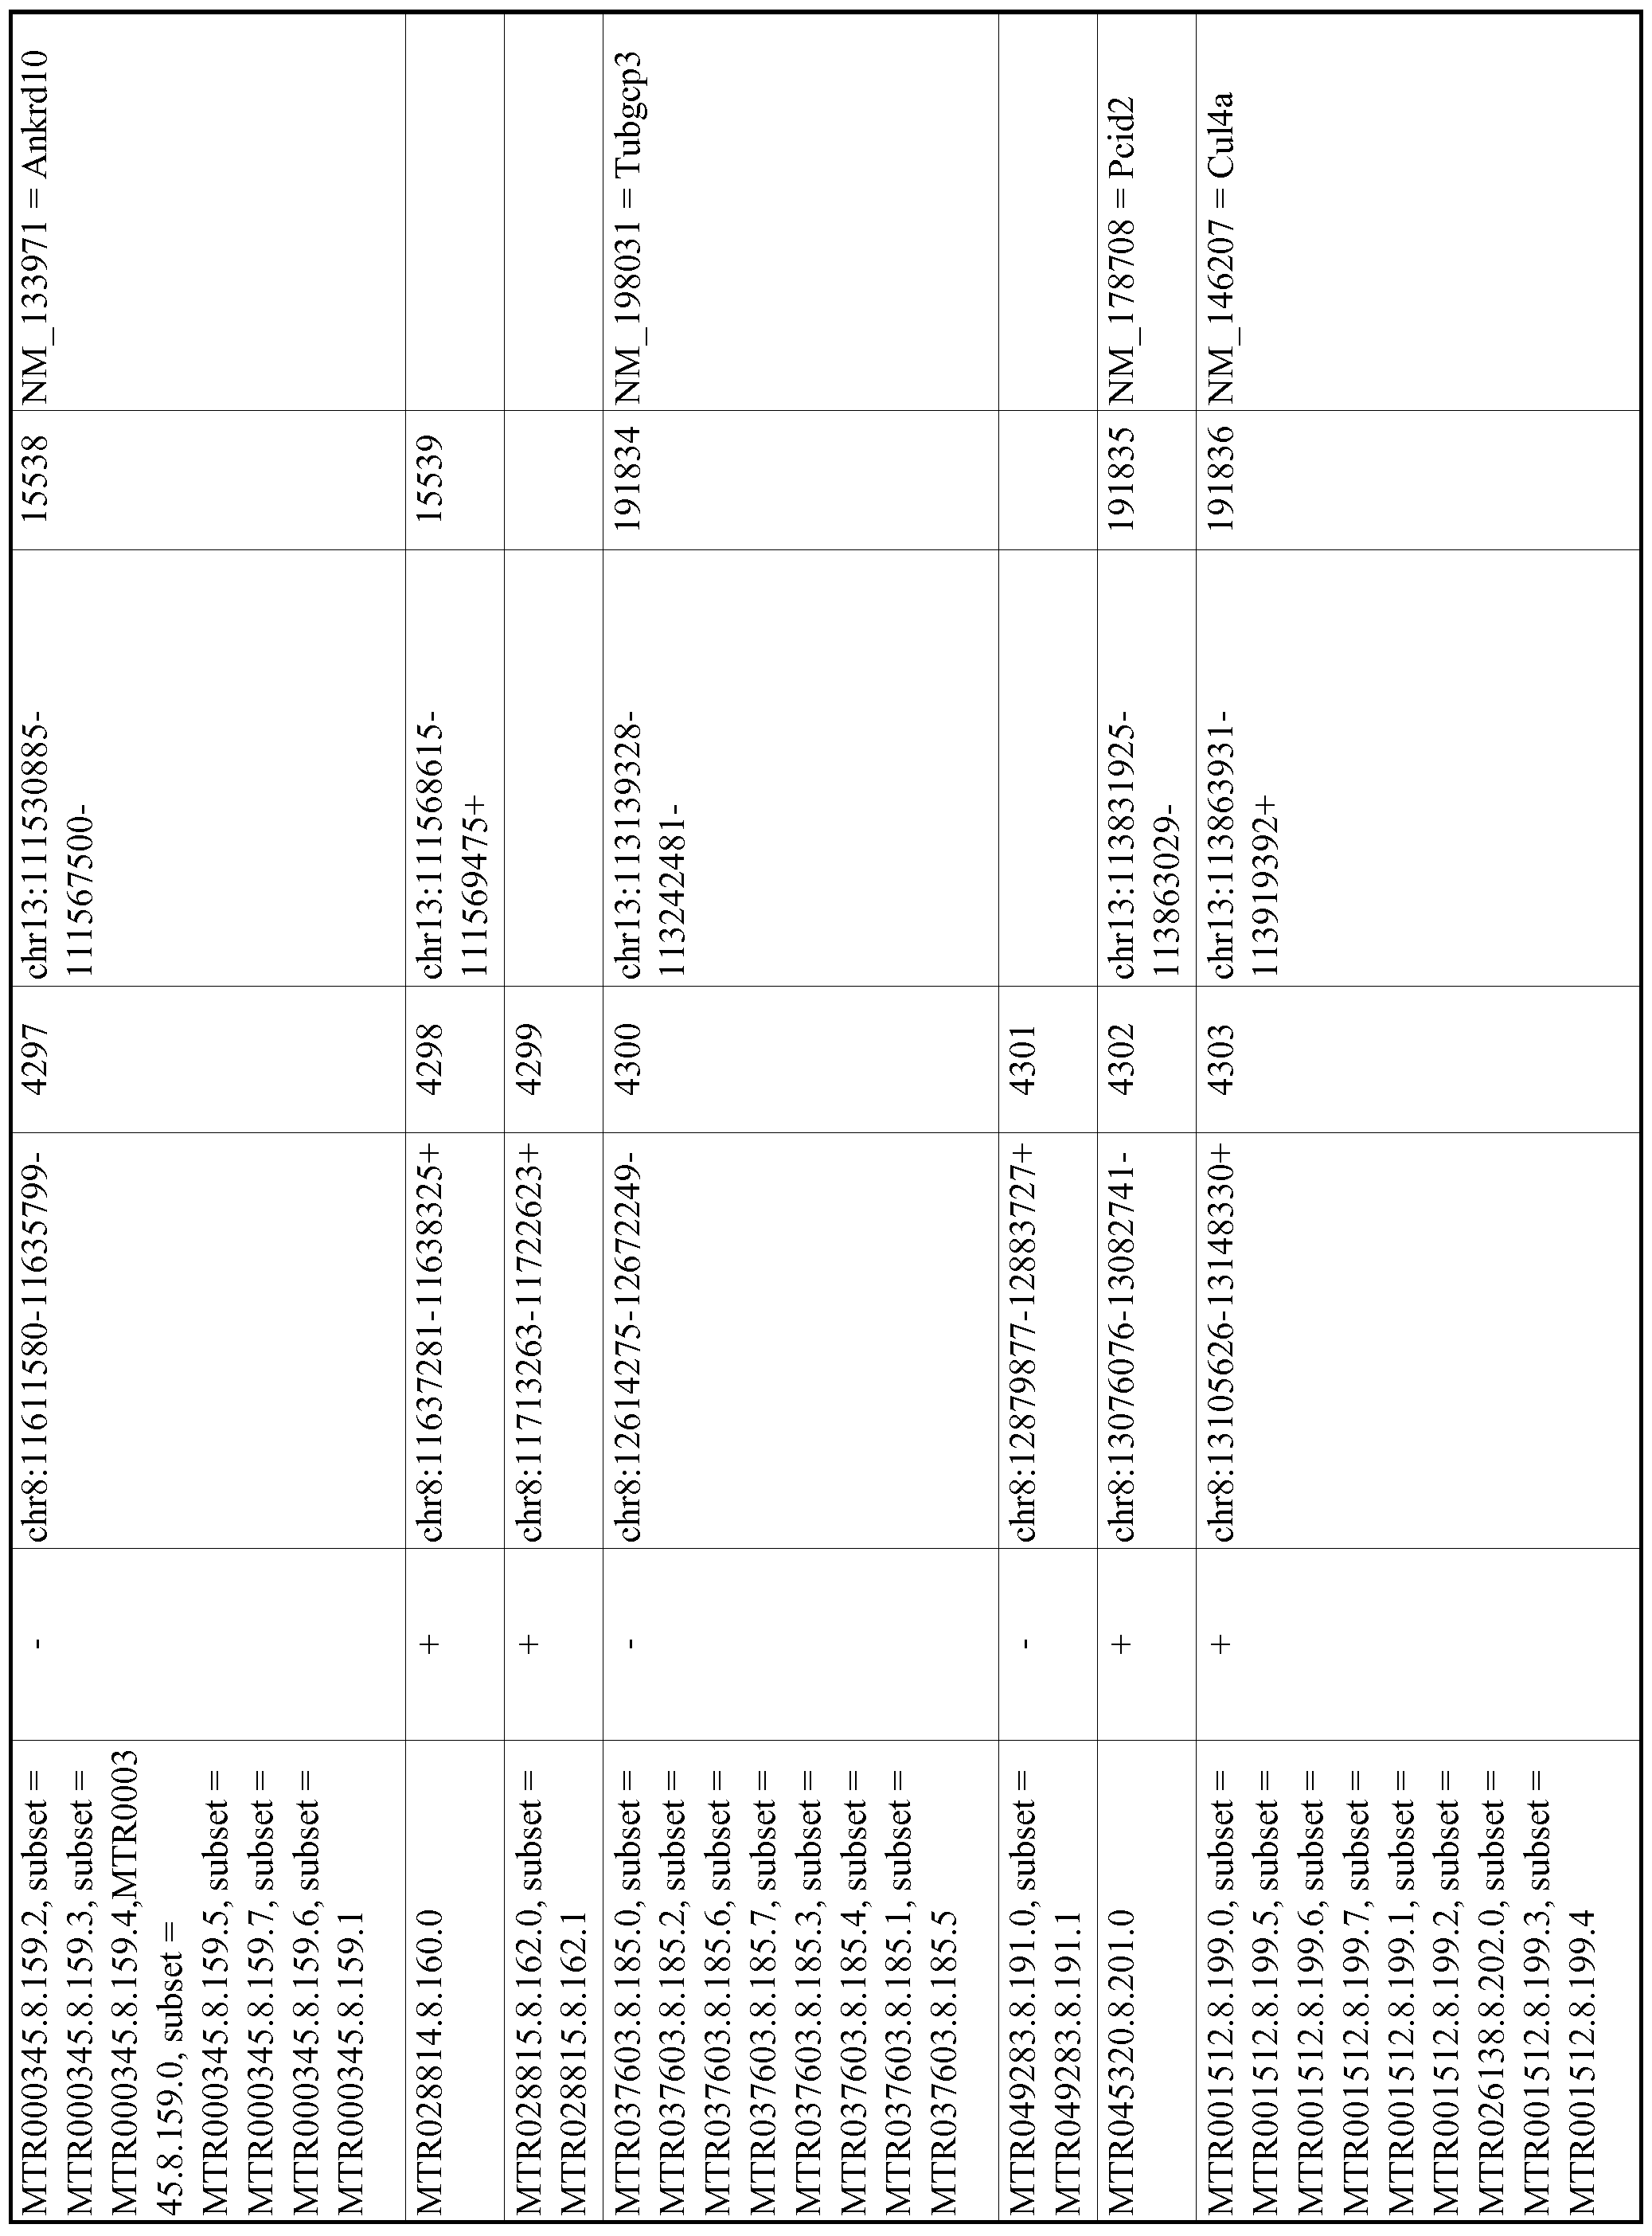 Figure imgf000812_0001